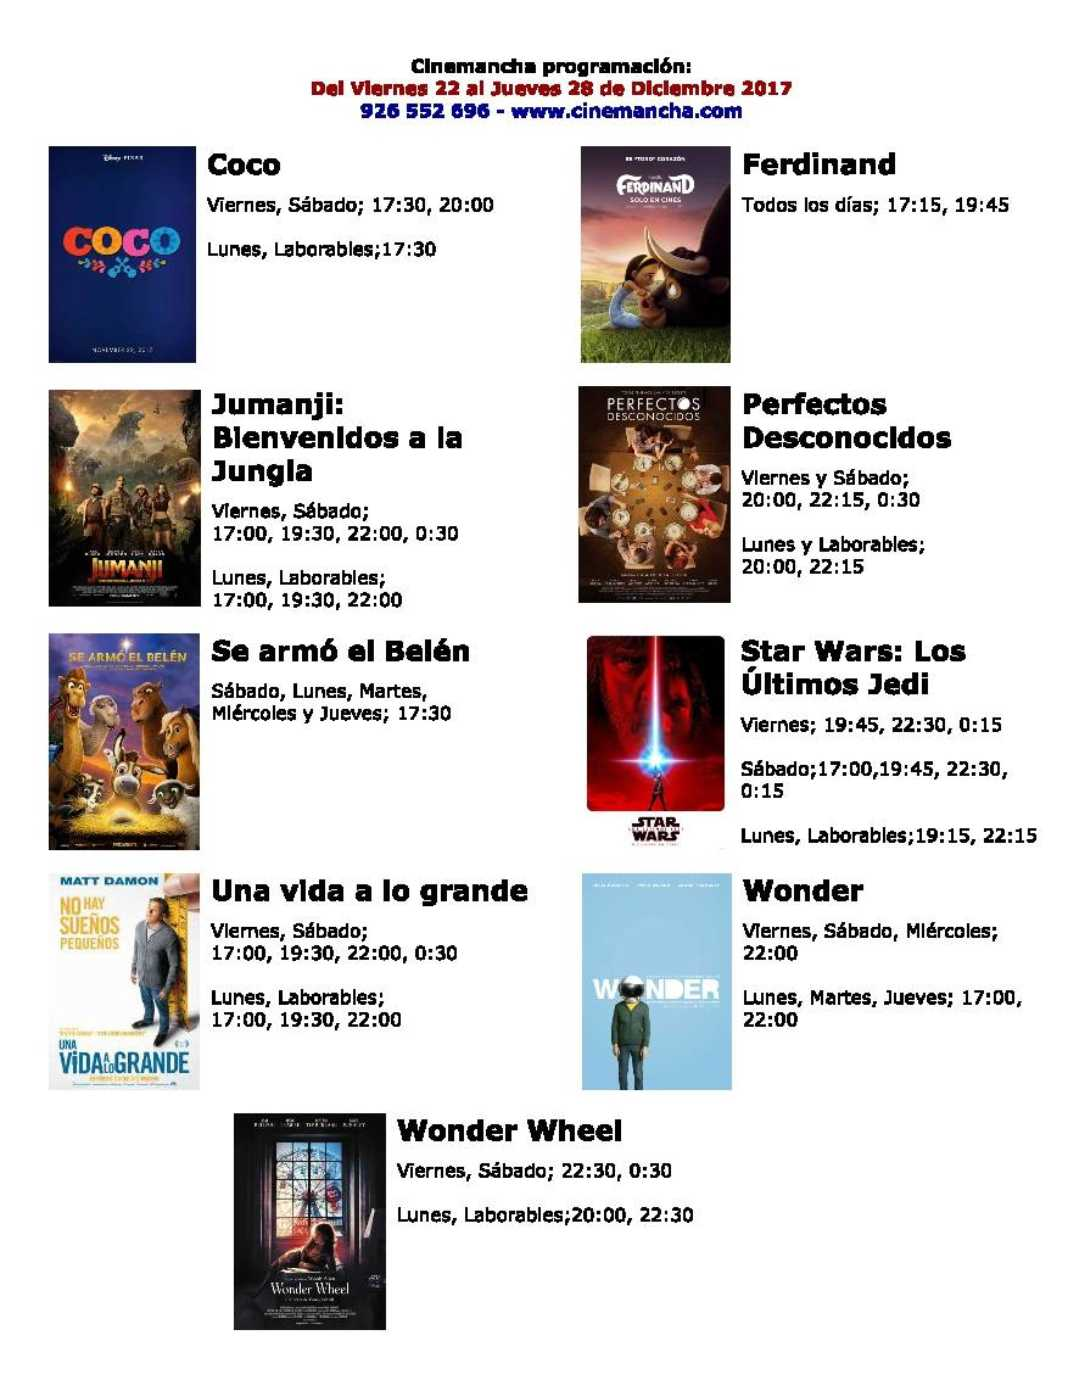 Cartelera Cinemancha del 22 al 28 de diciembre 2